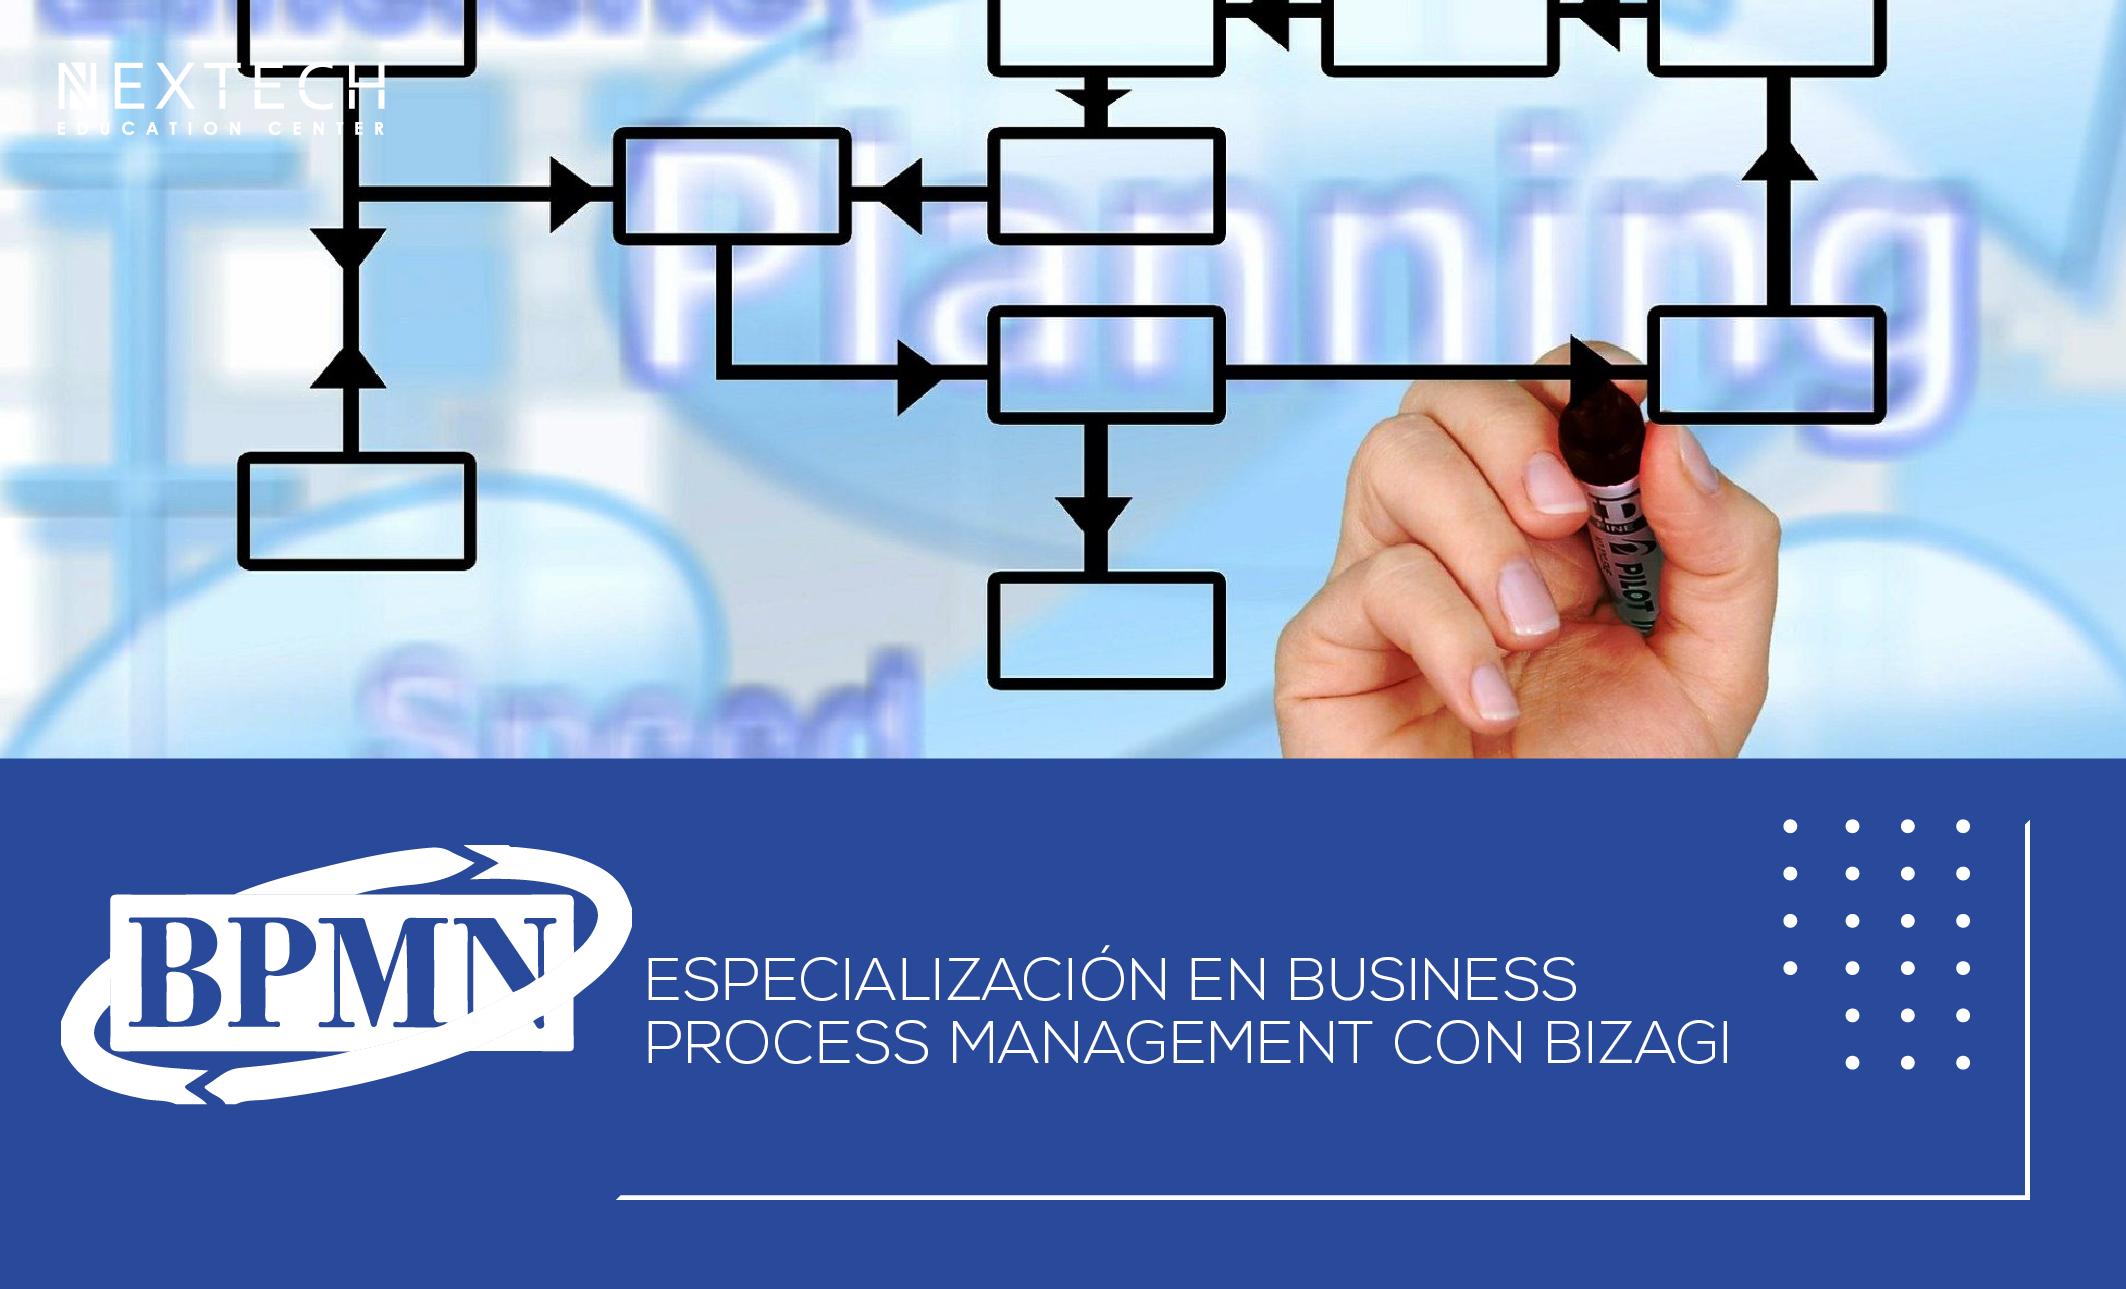 Especialización en Business Process Management con BIZAGI